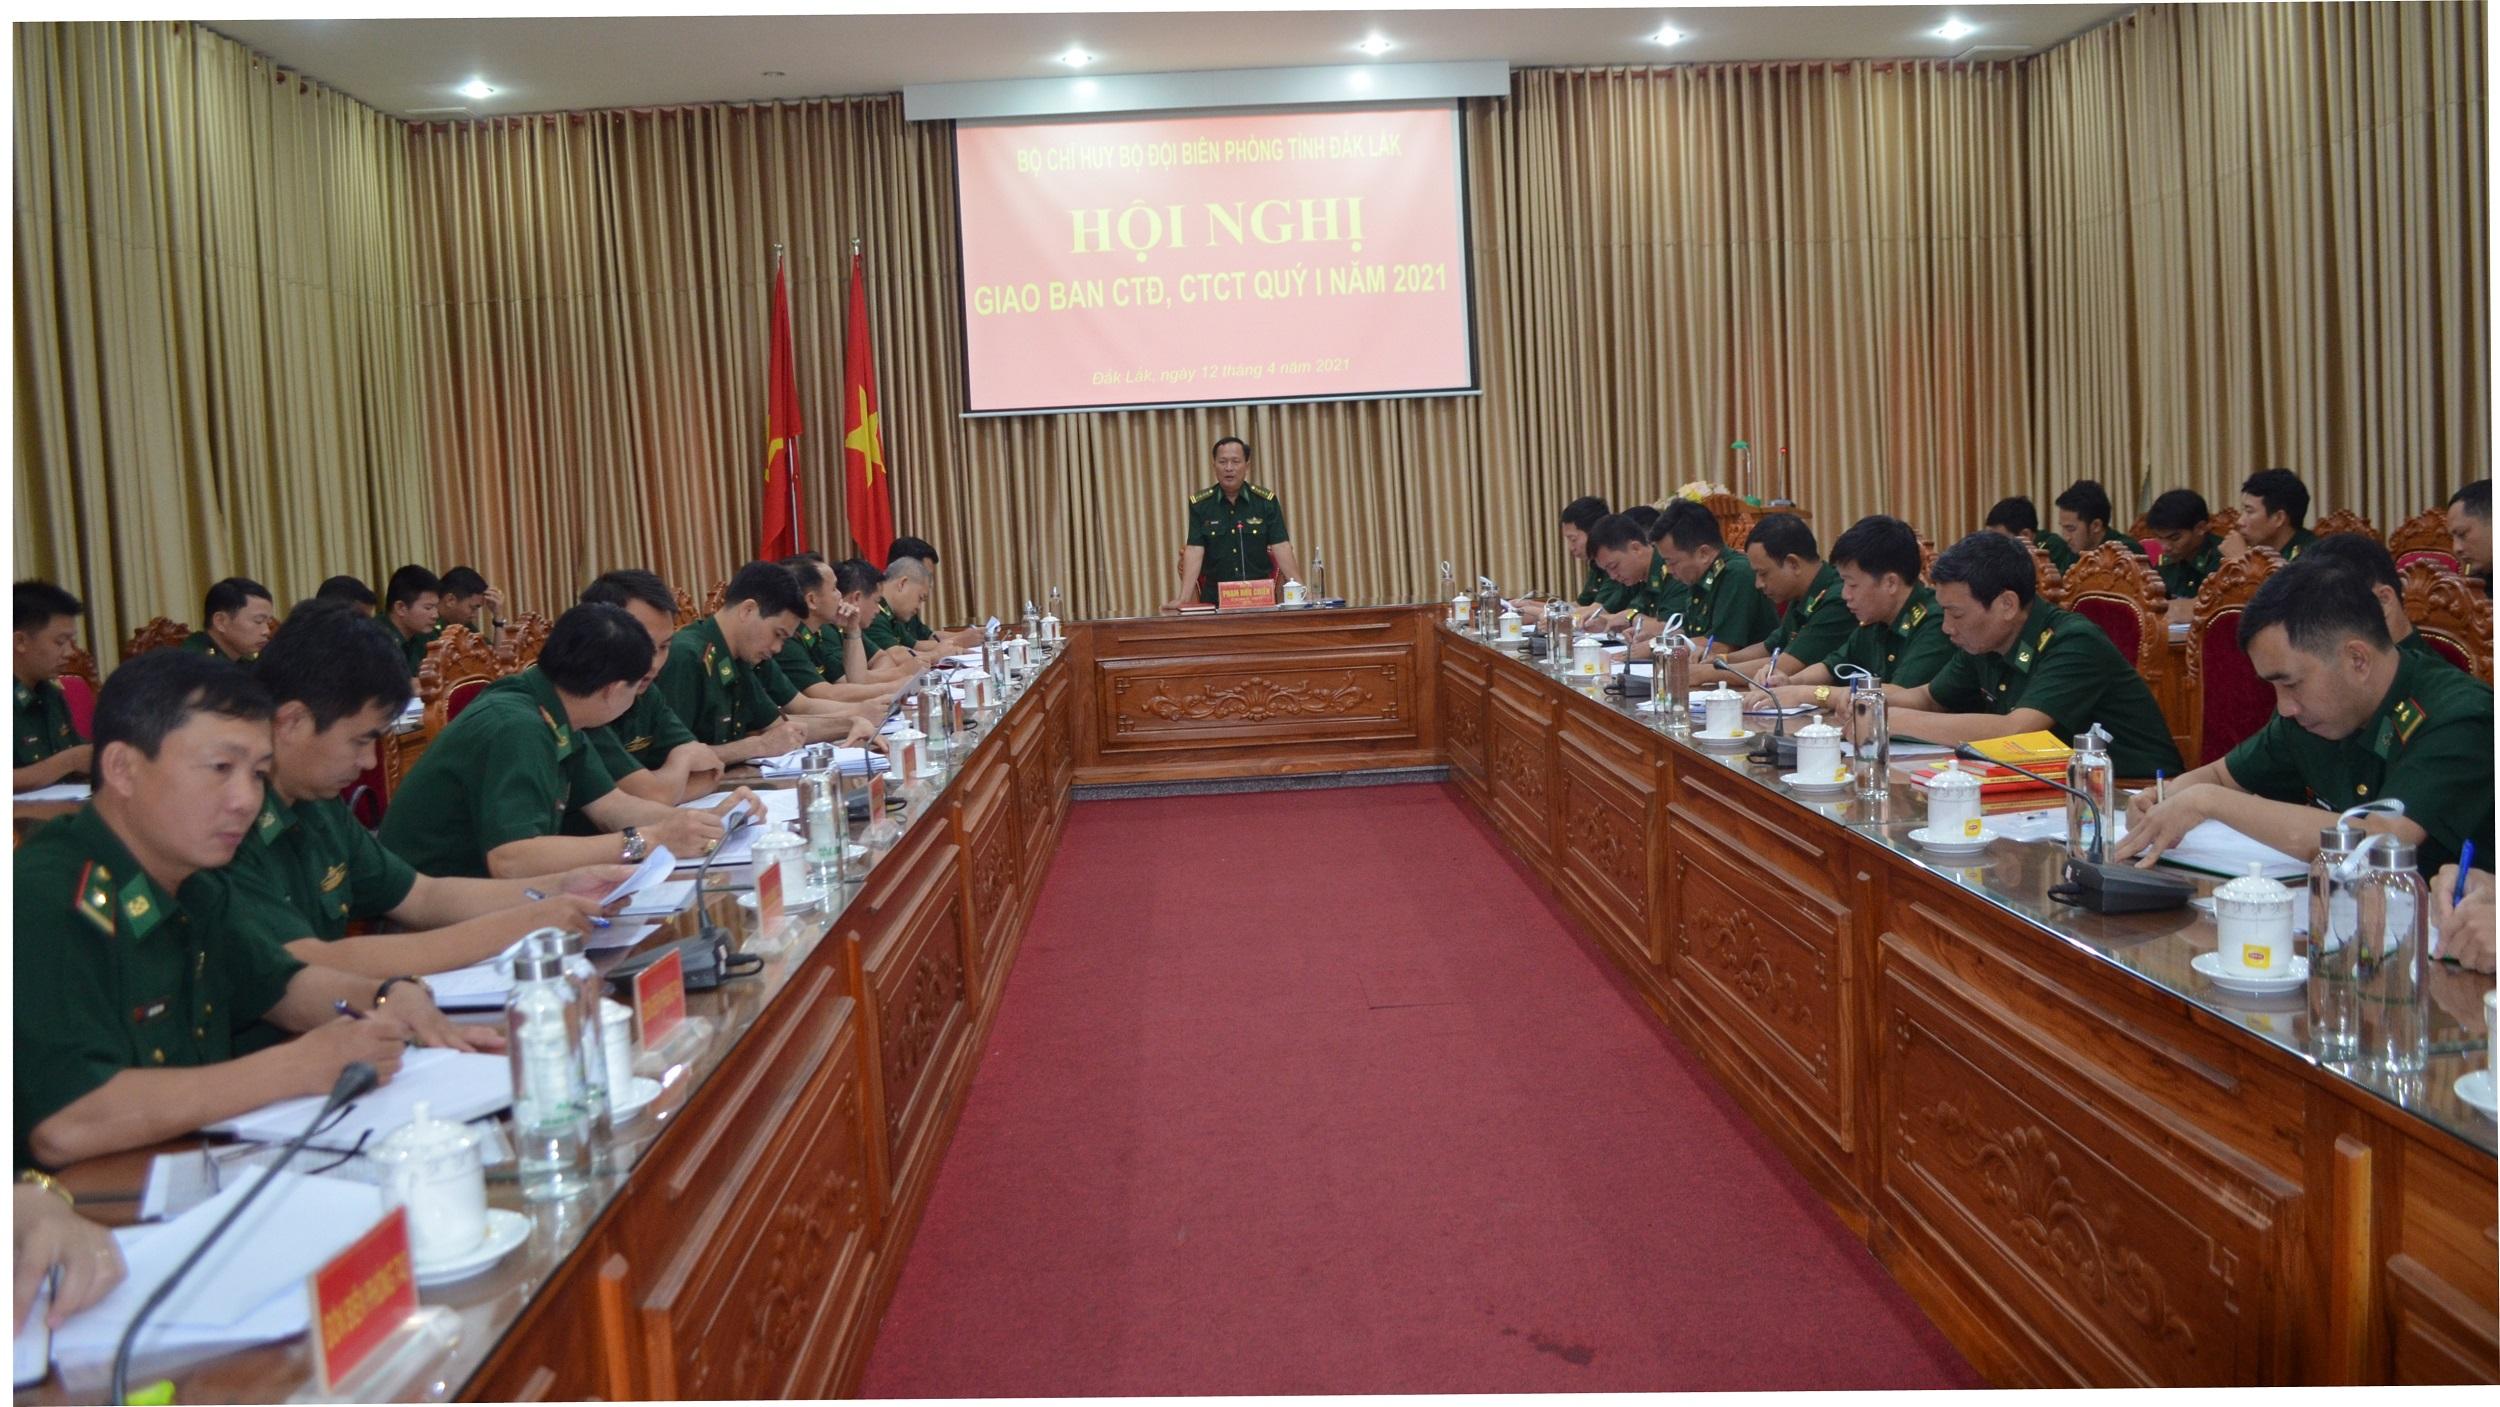 Bộ đội Biên phòng Đắk Lắk giao ban công tác đảng, công tác chính trị